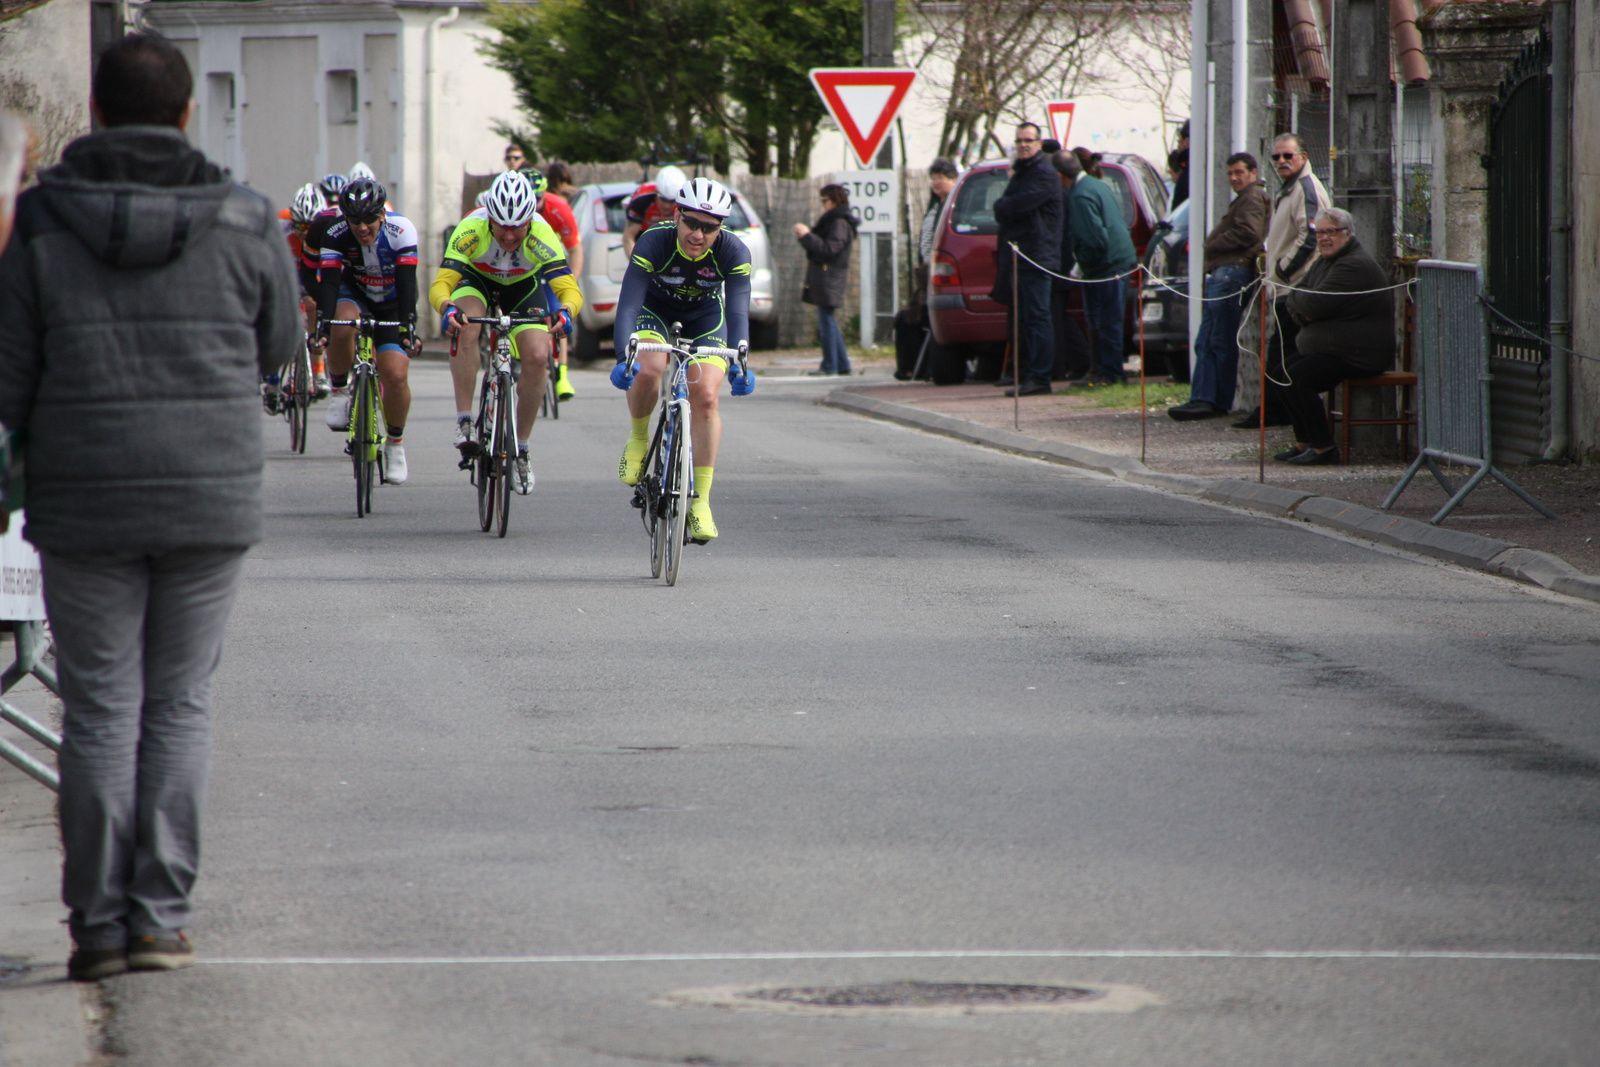 L'arrivée  avec  la  victoire  de  Anthony  LEBEUX(NL)